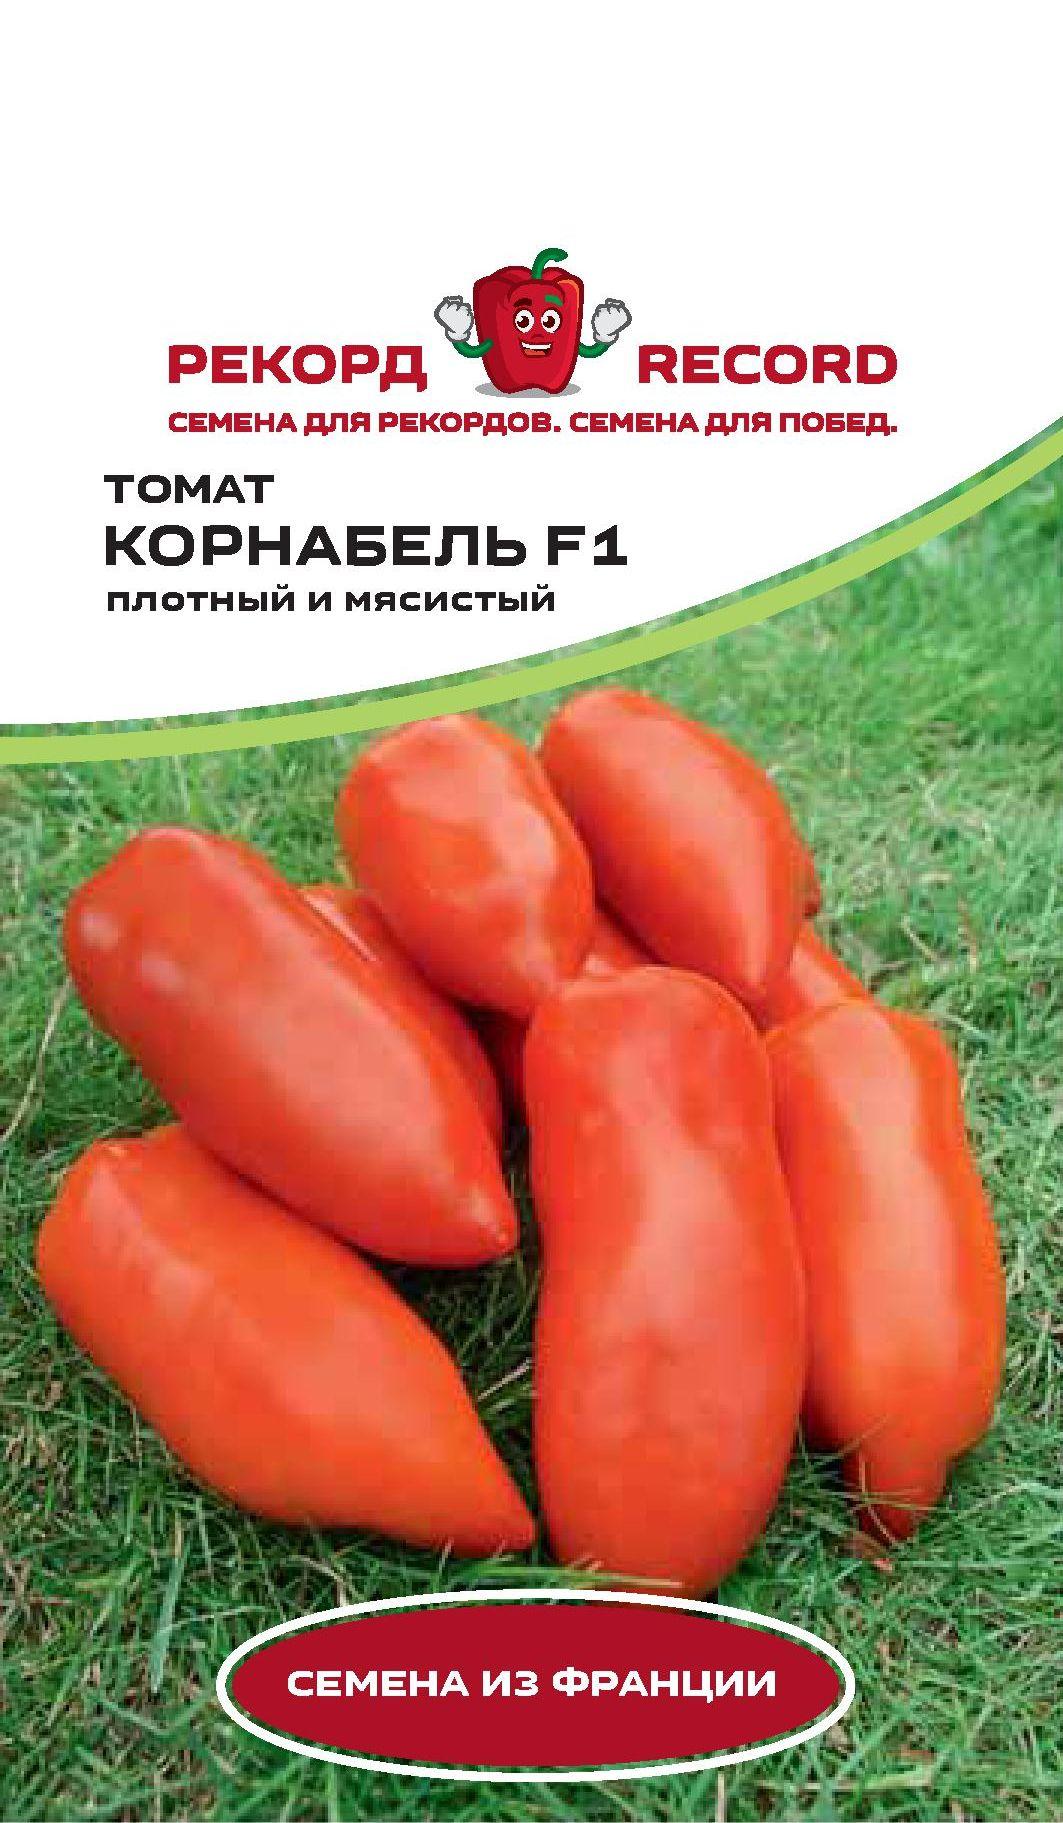 """Купить Томат """"Рекорд"""" Корнабель F1 3 сем в Онсад.ру с доставкой Почтой"""